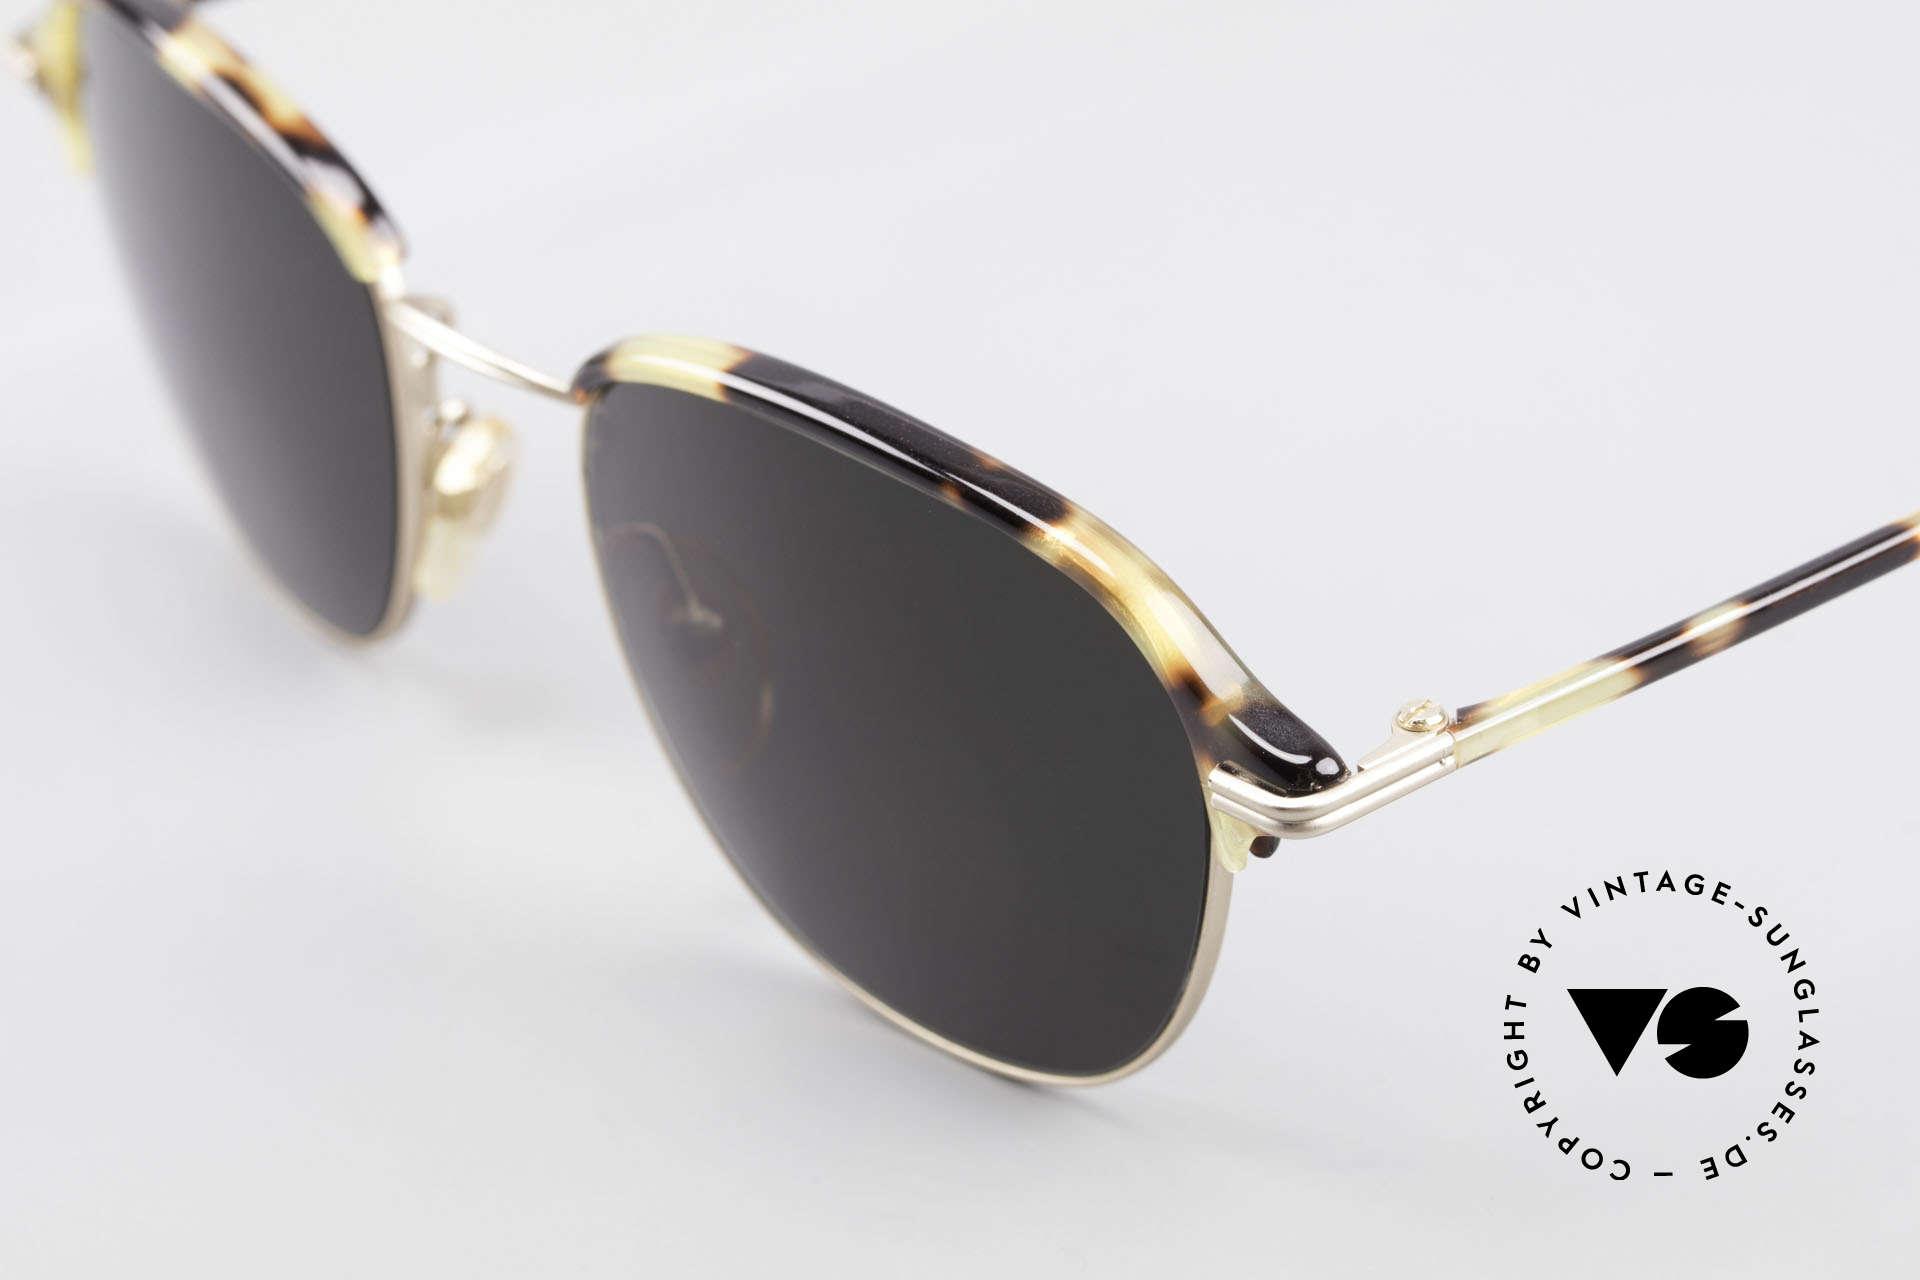 Cutler And Gross 0373 Designer Panto Sonnenbrille, schlicht, aber Materialien & Verarbeitung auf top-Niveau, Passend für Herren und Damen